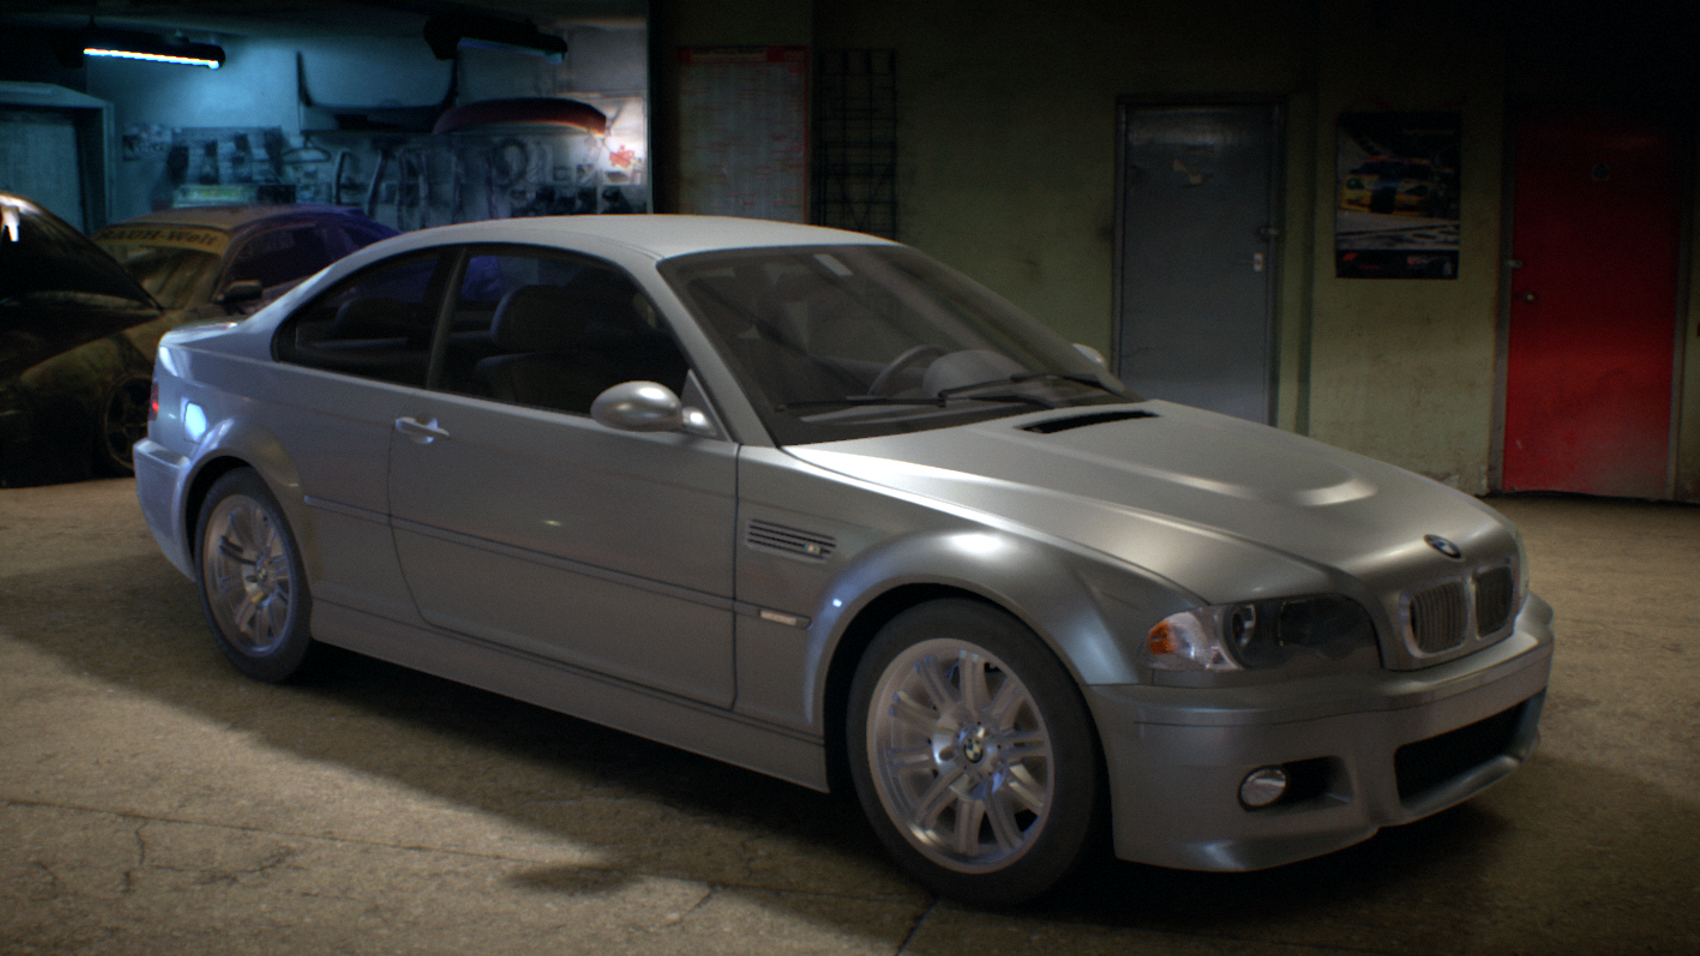 Bmw M3 E46 Need For Speed Wiki Fandom Powered By Wikia